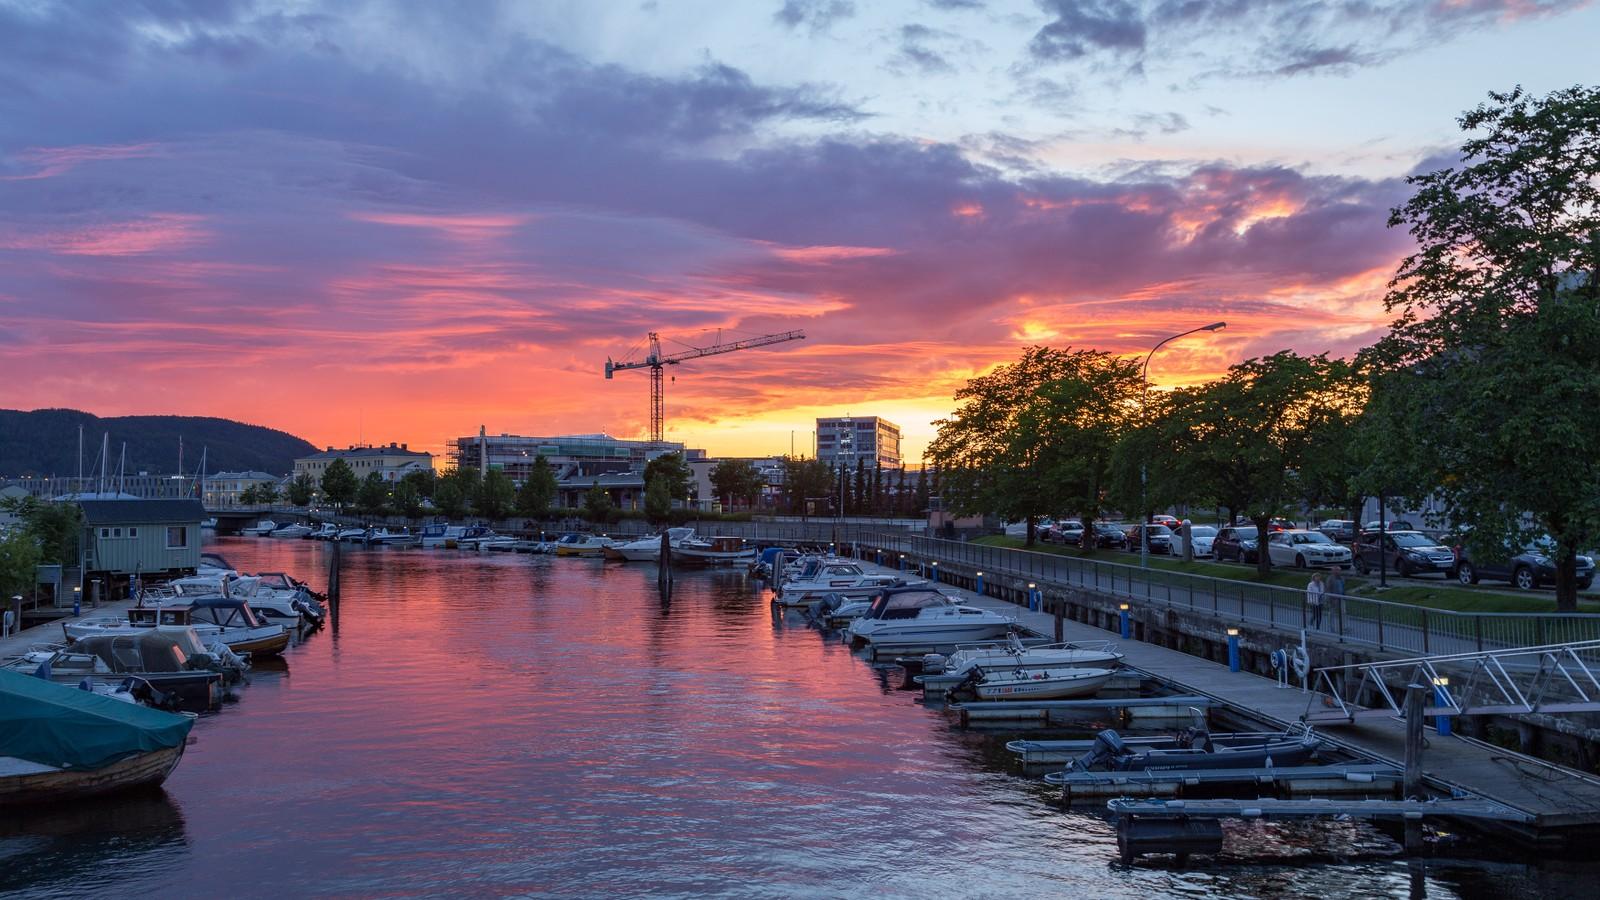 Solnedgang i Kanalen i Trondheim